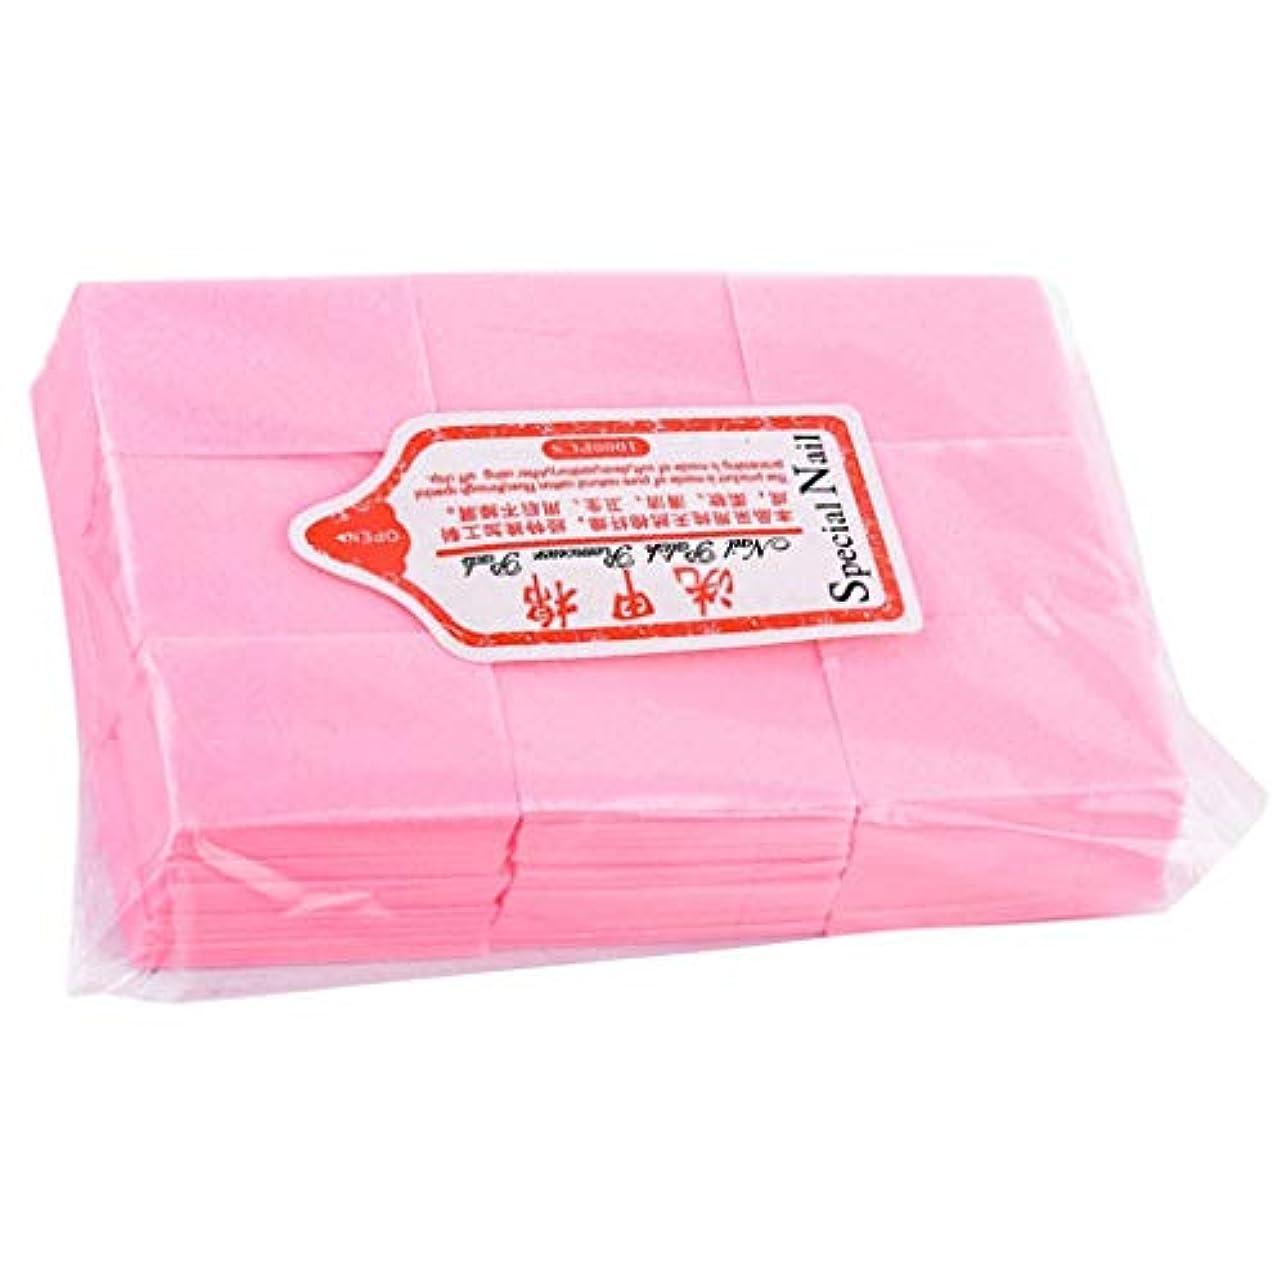 アラブサラボ活気づく敬の念ネイルワイプ コットンパッド 使い捨て ネイルポリッシュリムーバー パッド マニキュア 全4色 - ピンク